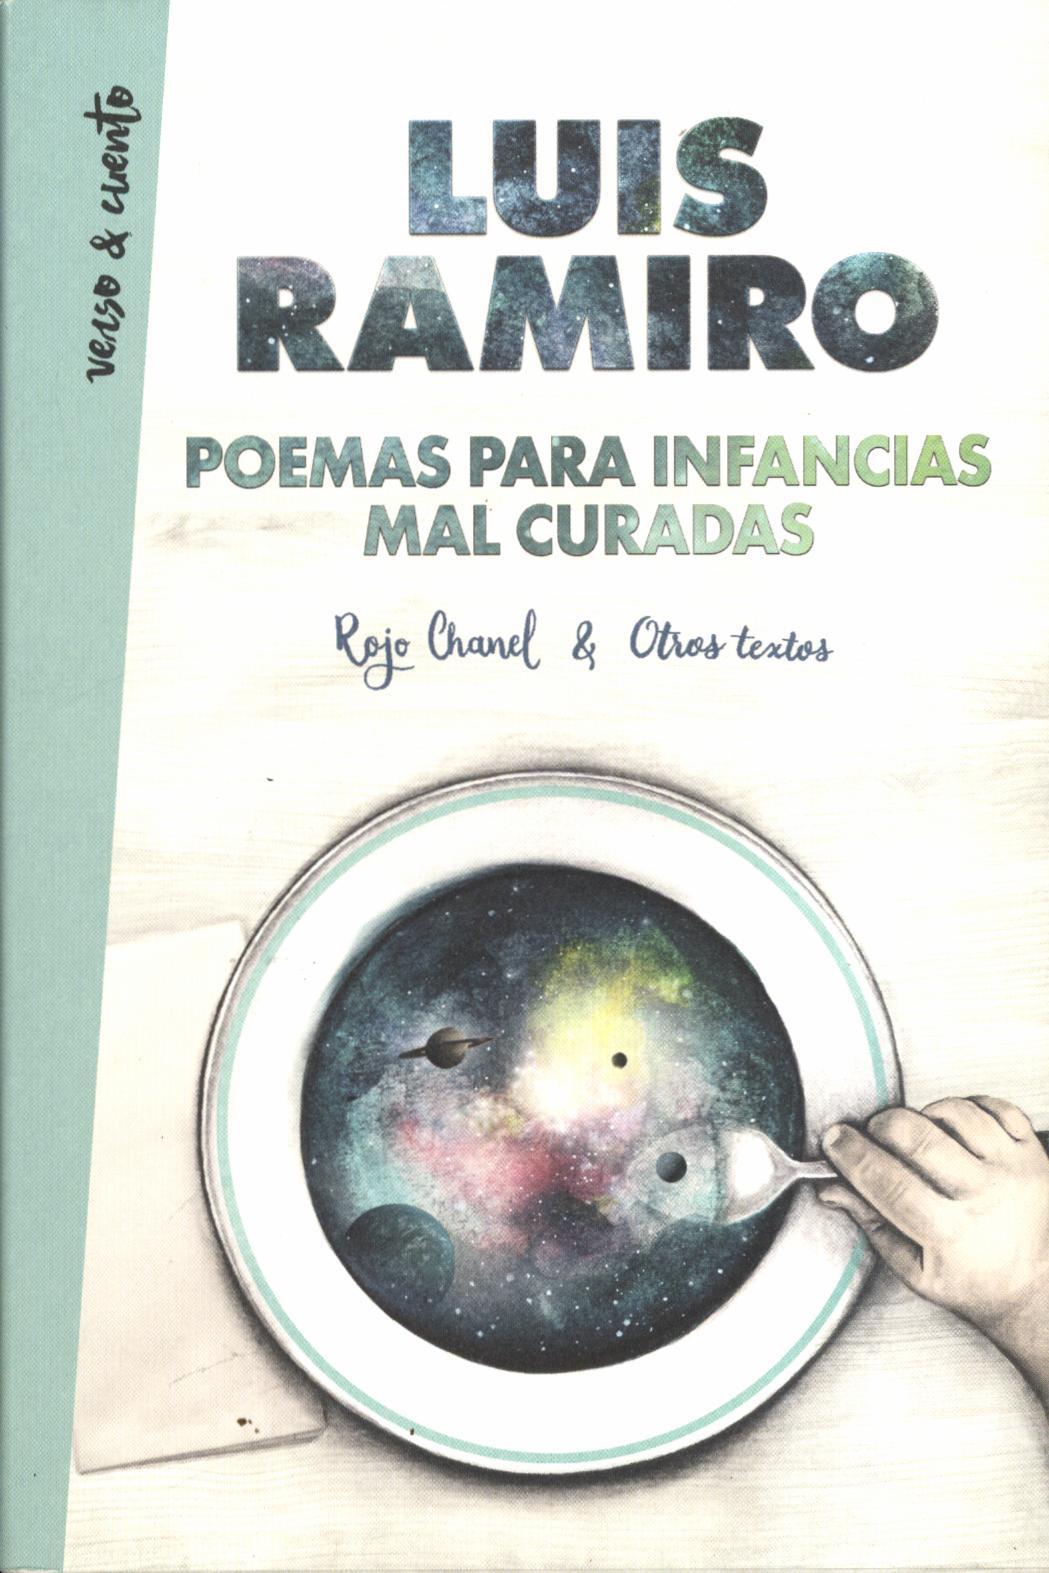 Poemas para infancias mal curadas